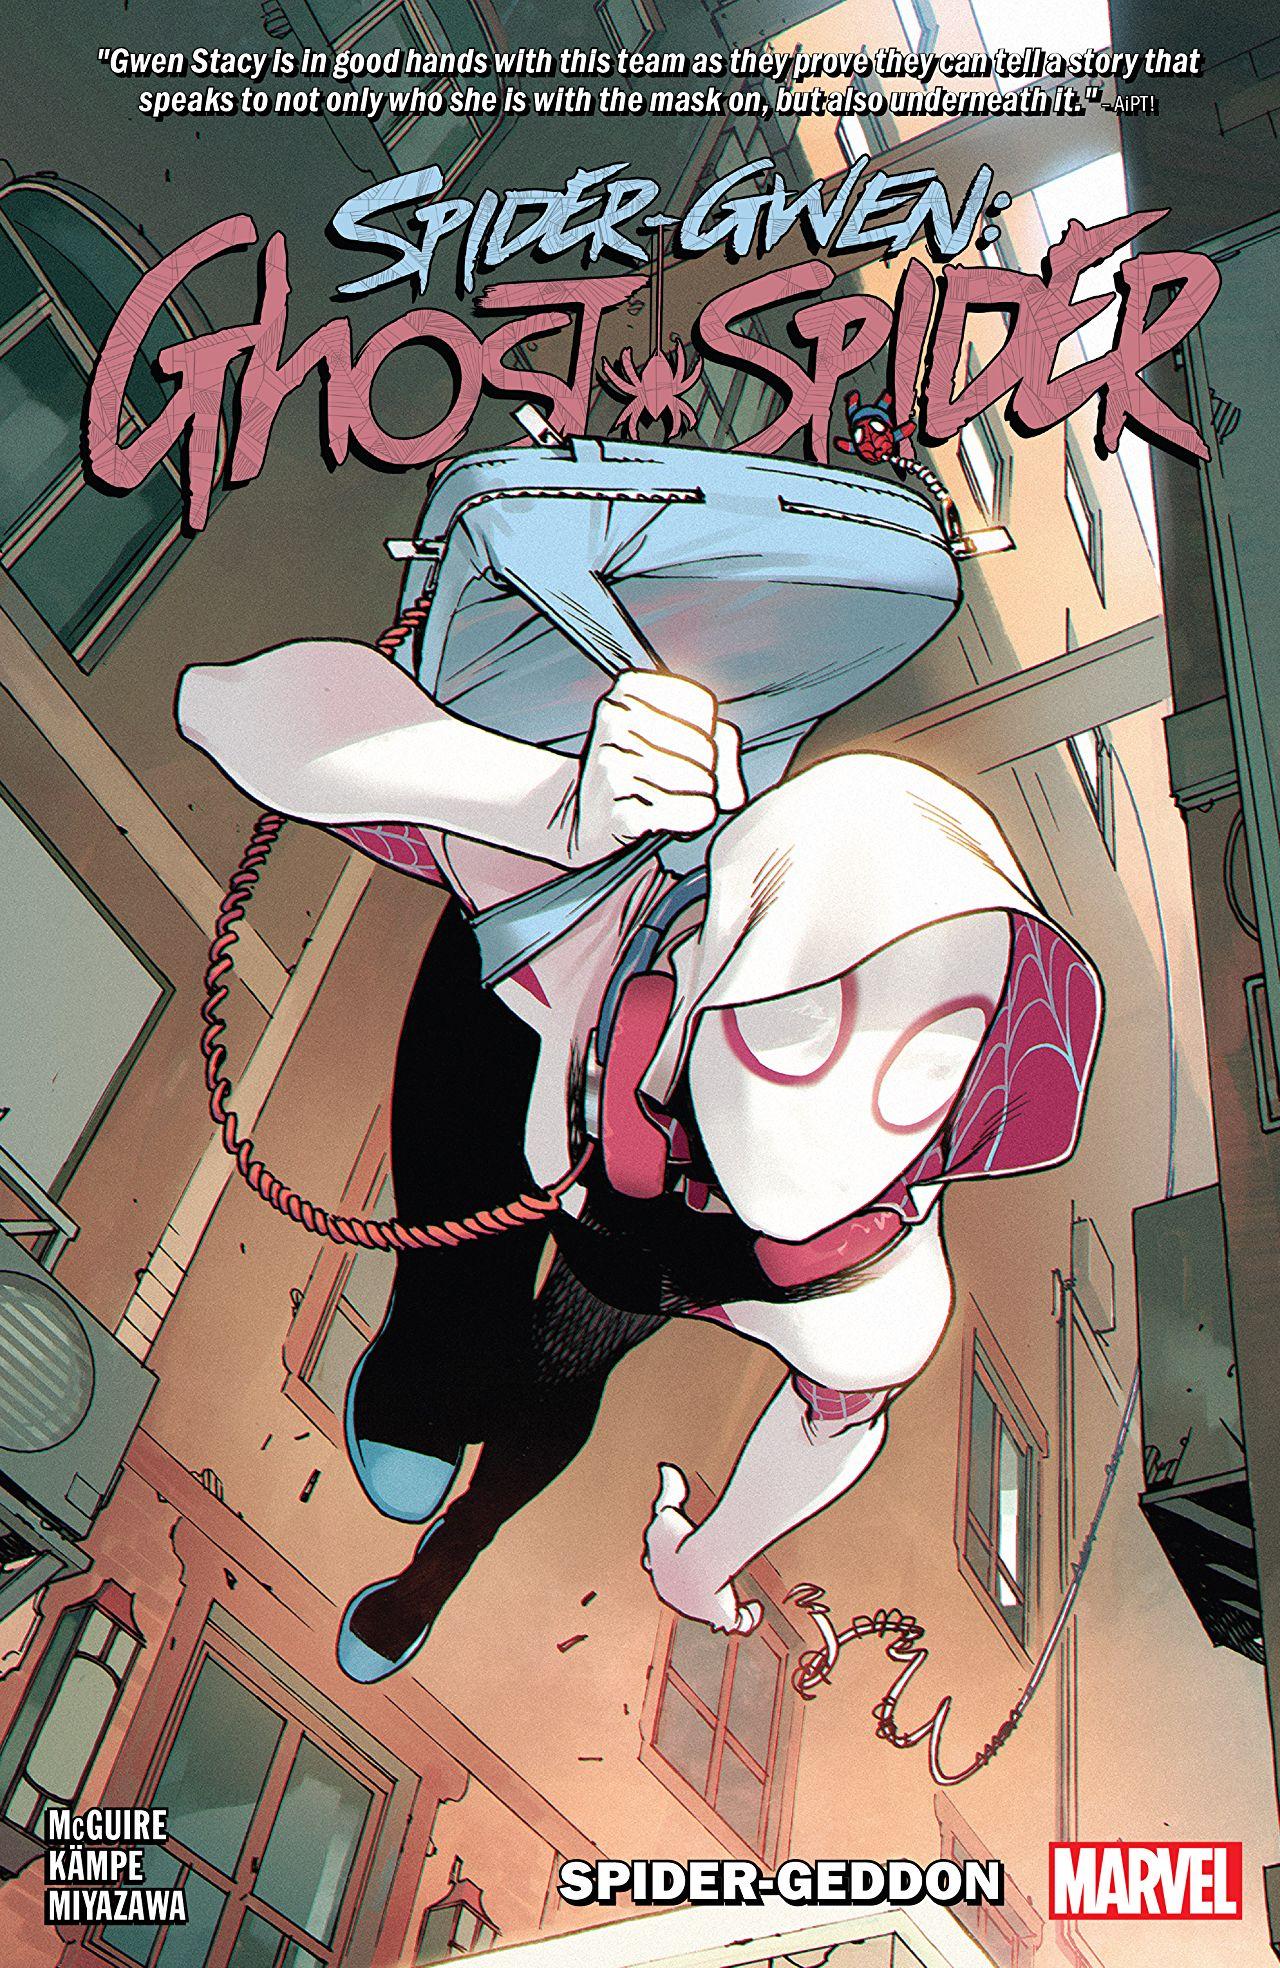 Spider-Gwen: Ghost-Spider, Vol. 1: Spider-Geddon